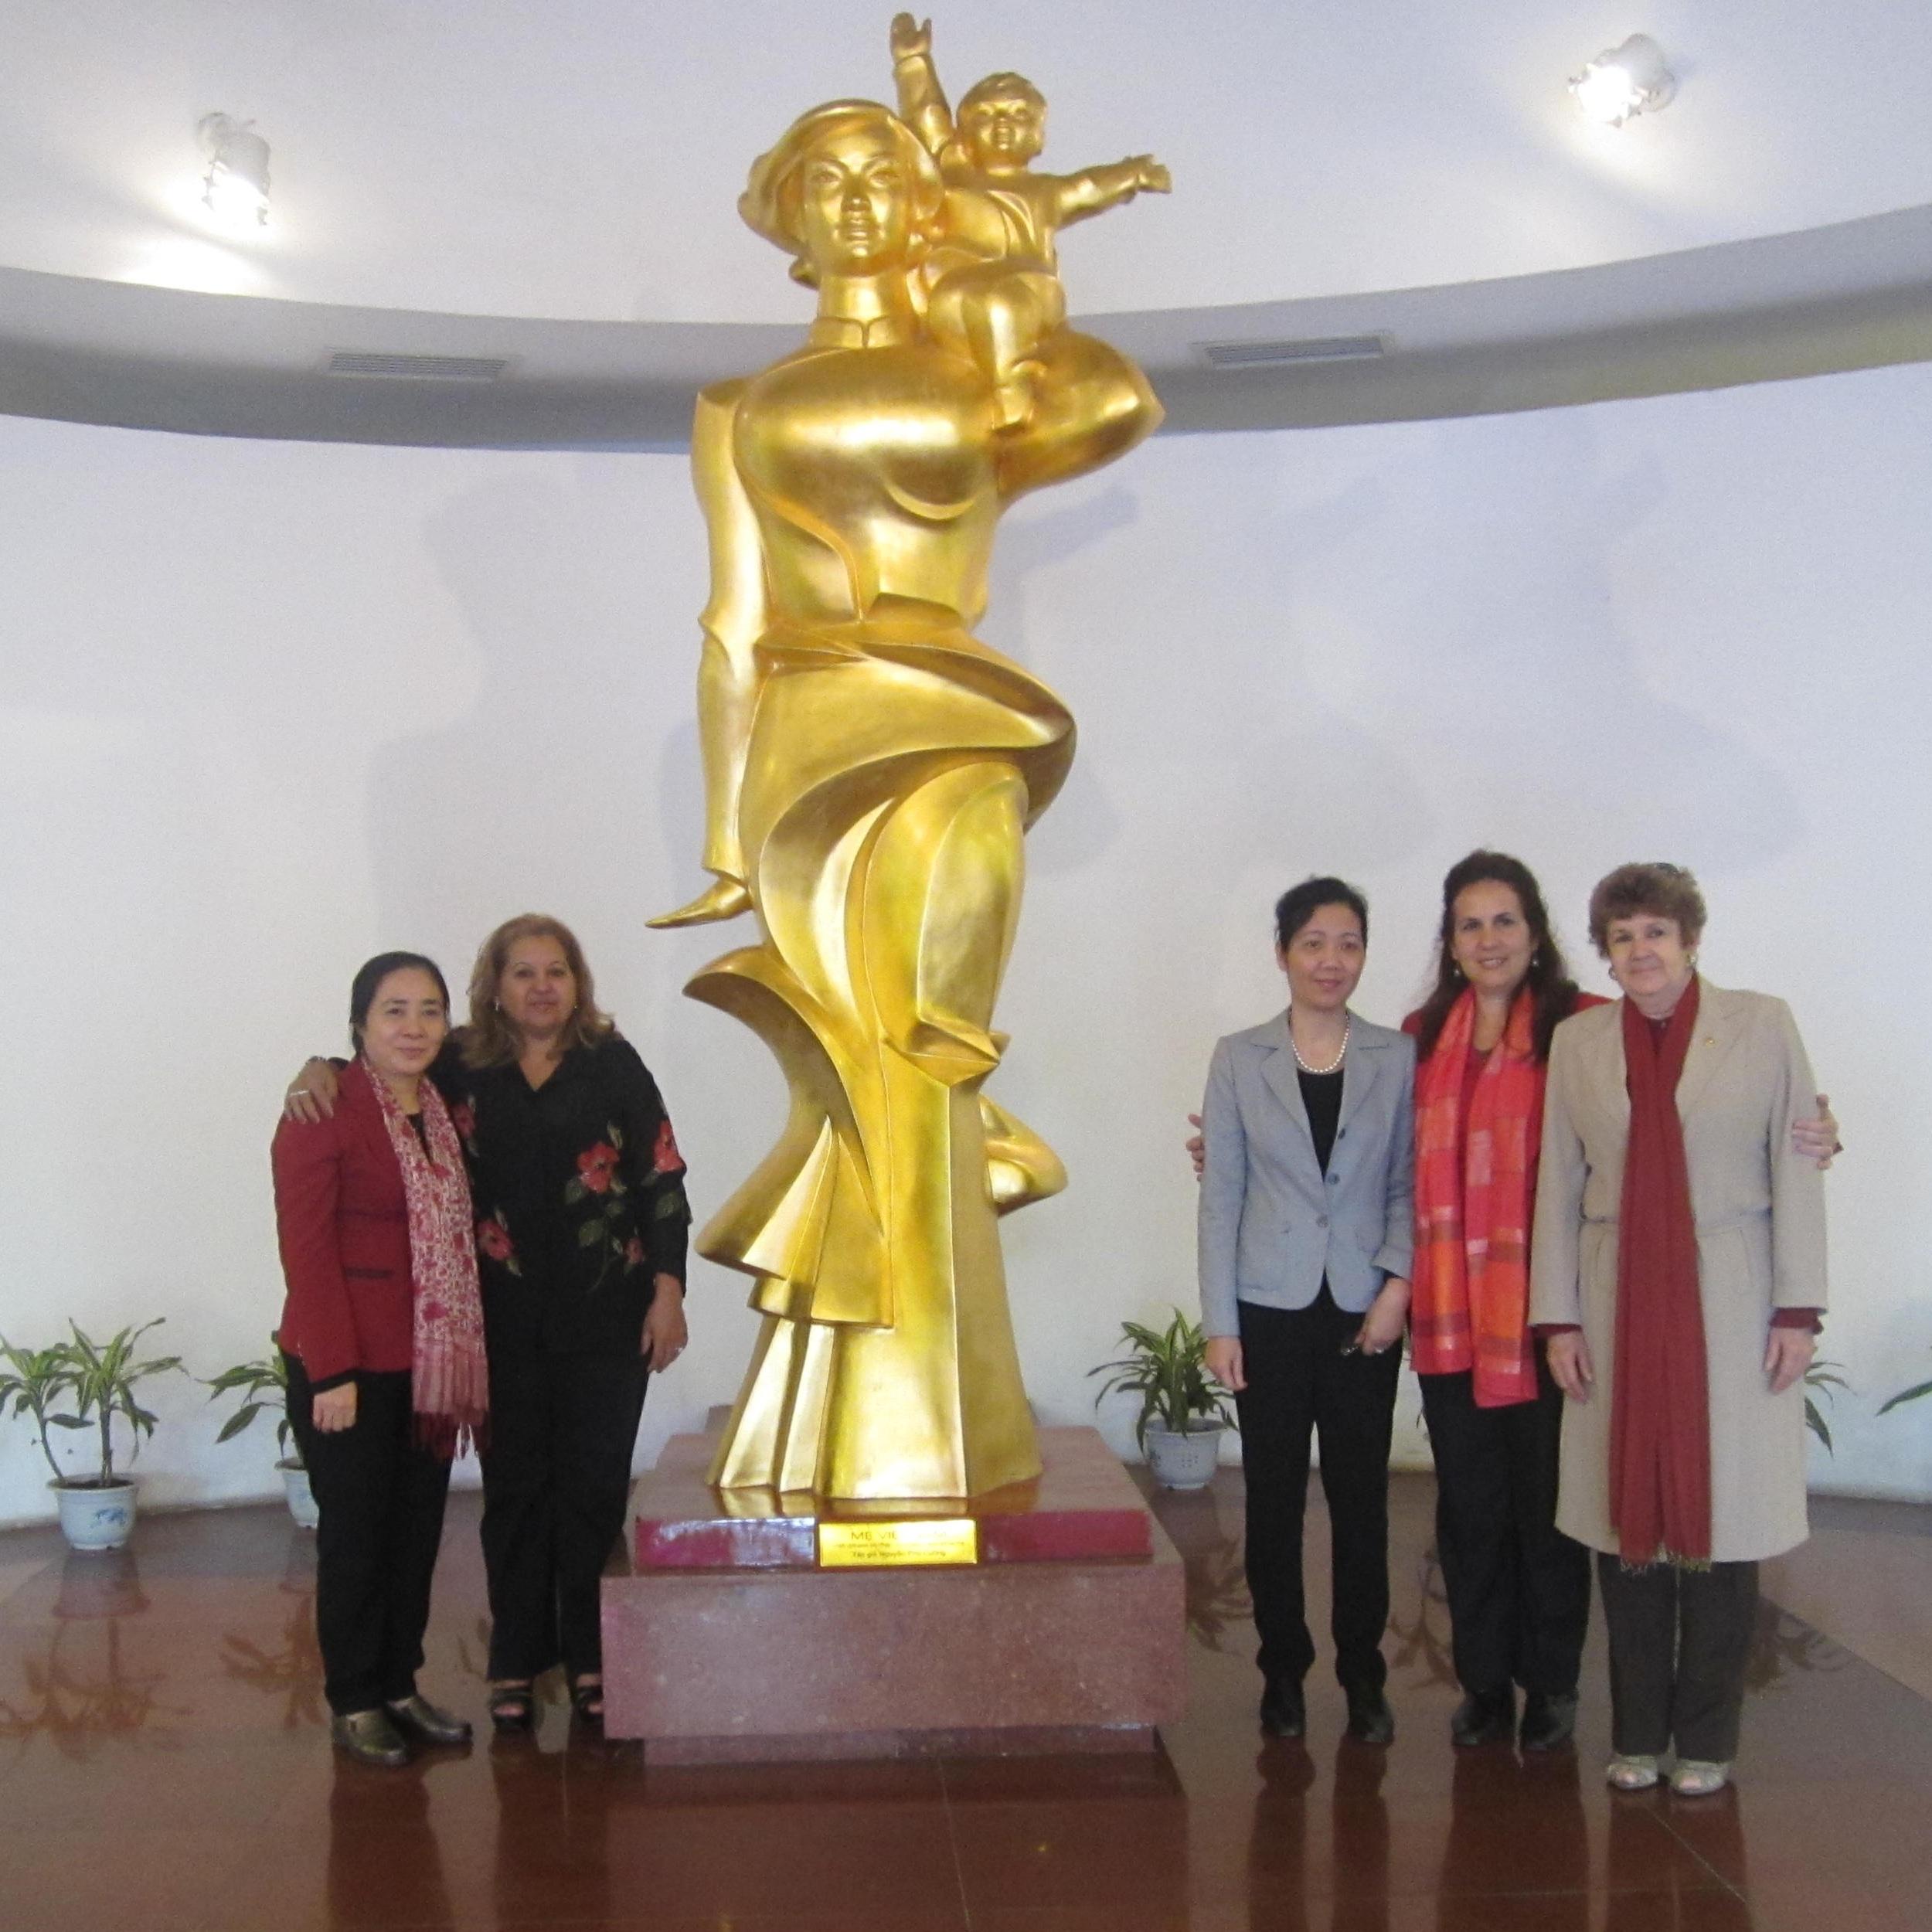 Đoàn đại biểu Hội Liên hiệp Phụ nữ Cuba thăm Bảo tàng Phụ nữ Việt Nam